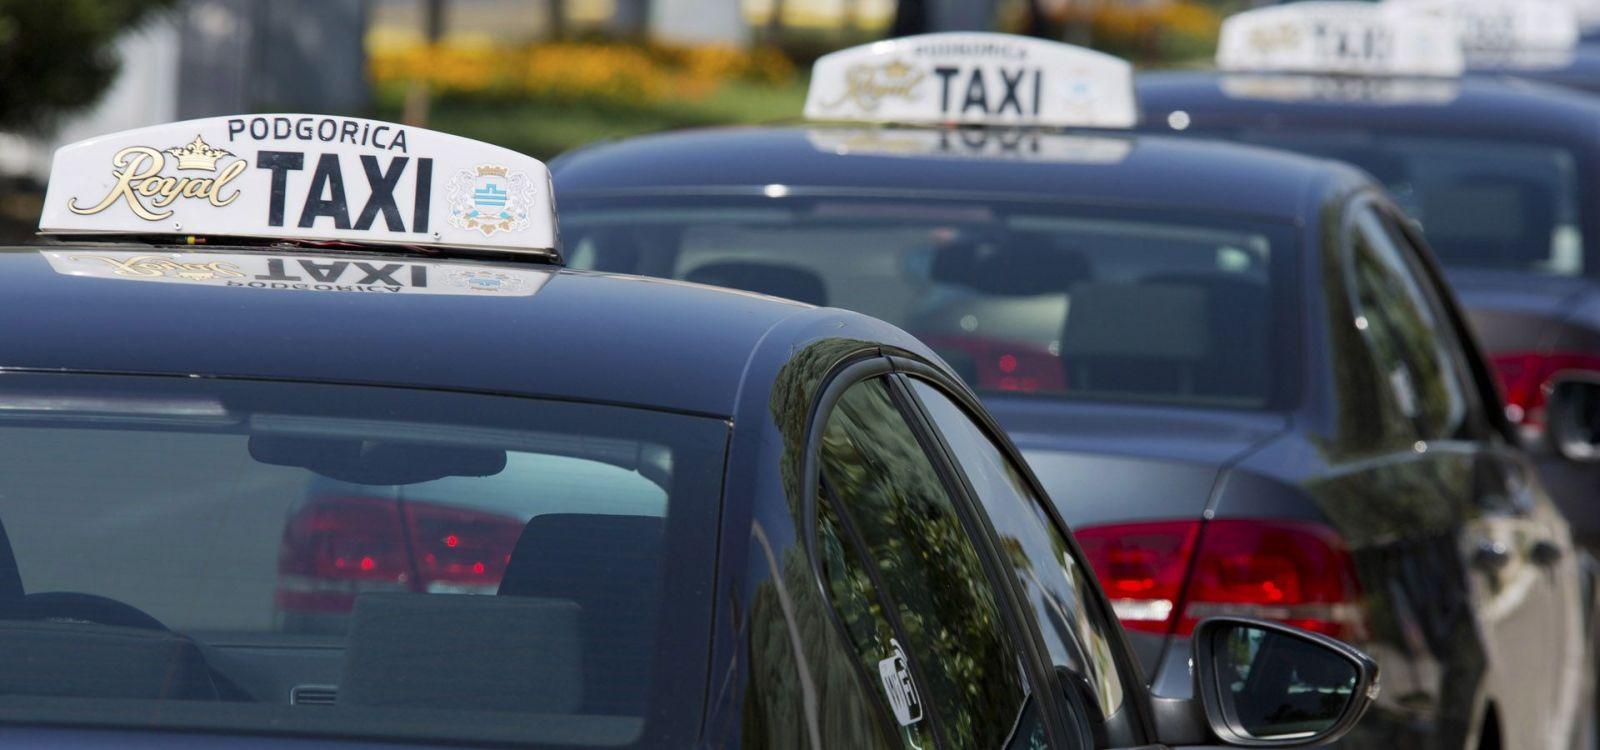 Z lotniska Podgorica najszybciej pojedziemy do hotelu taksówką.